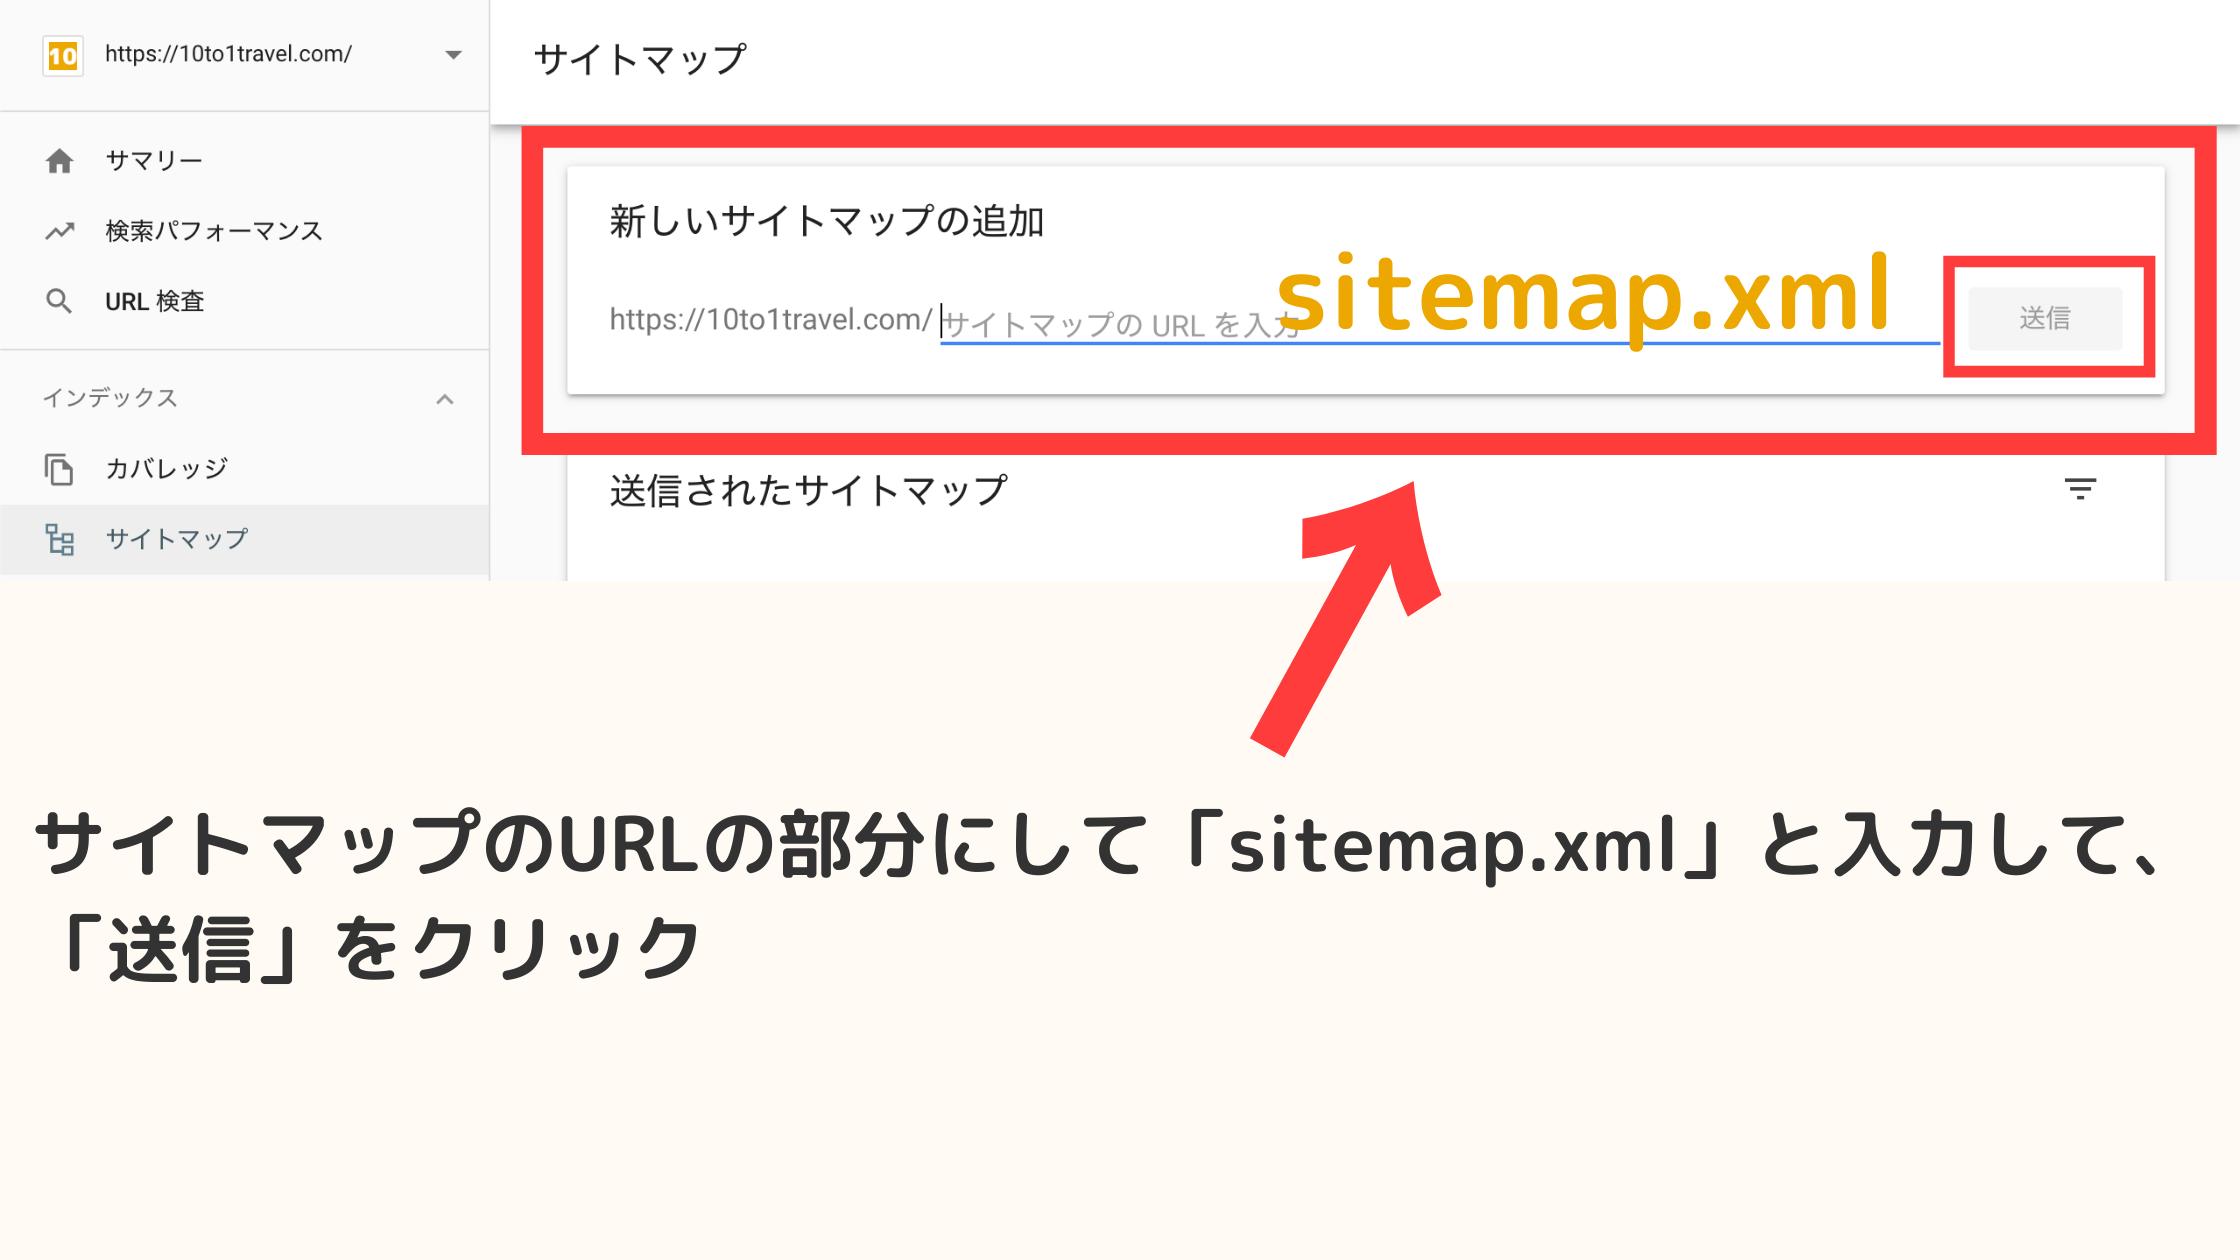 サイトマップを送信する